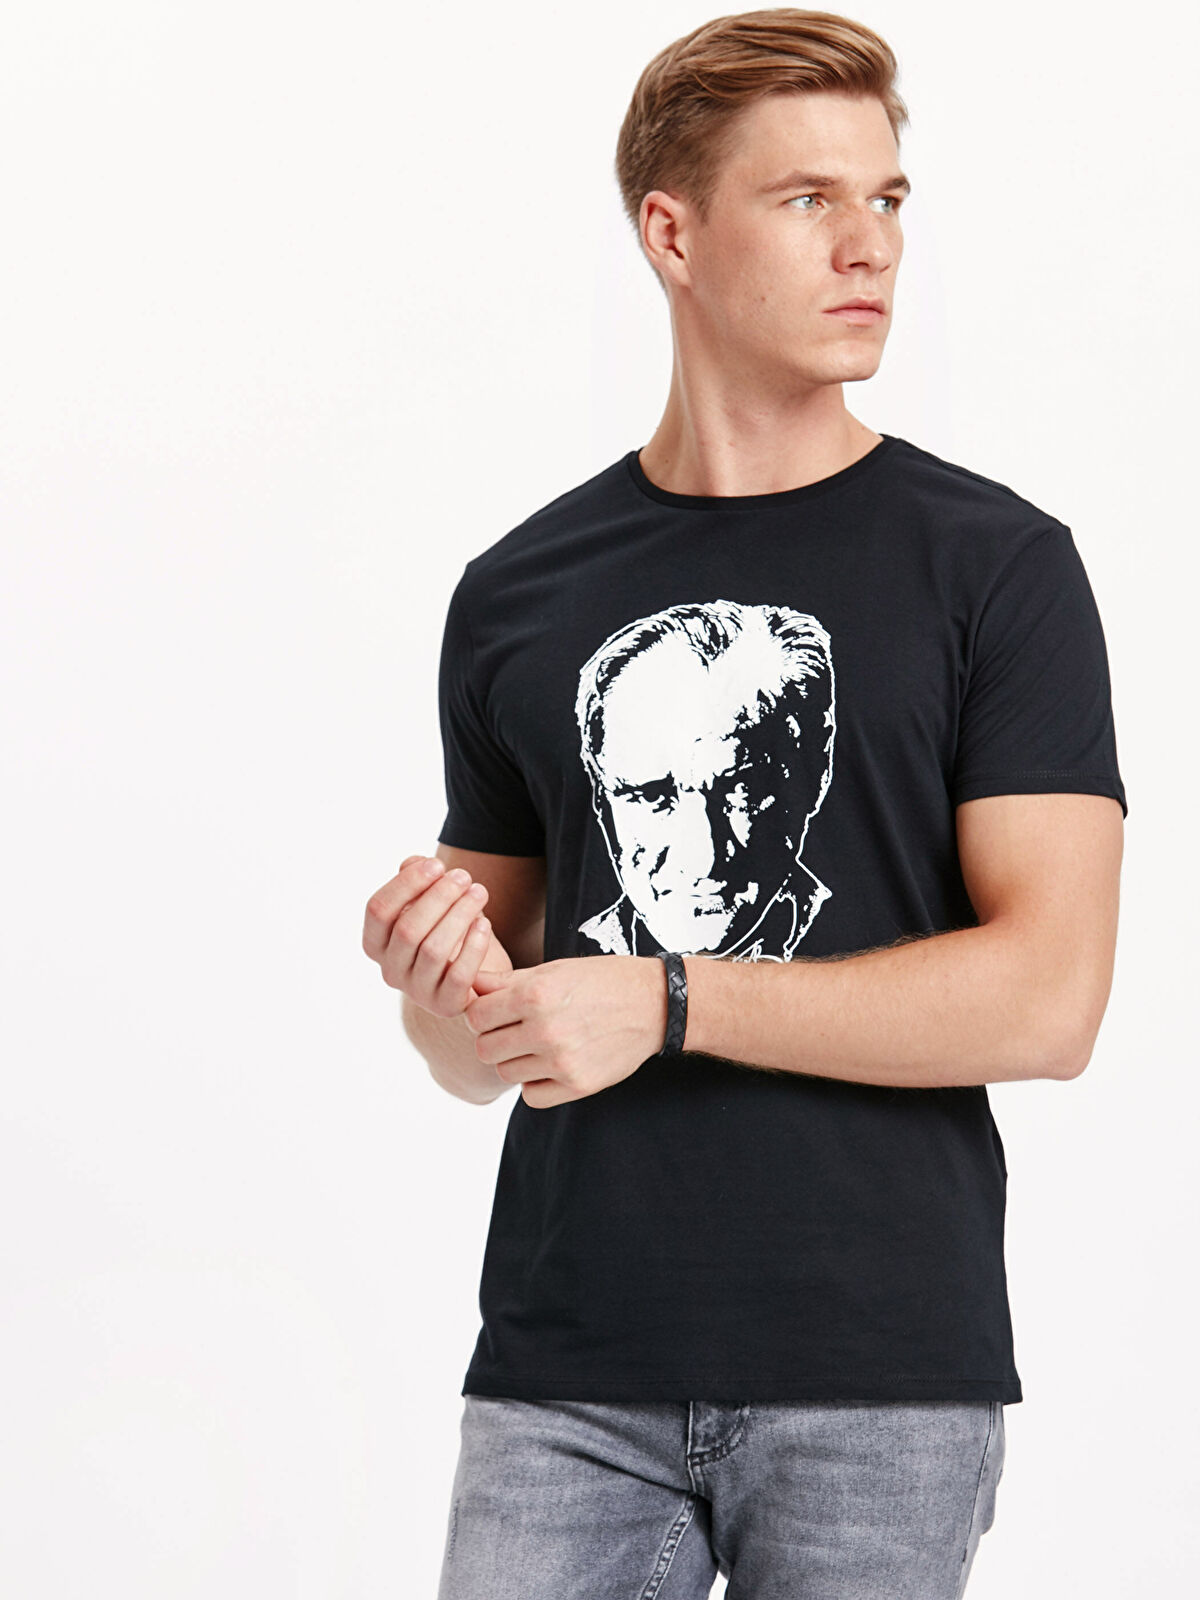 Atatürk Baskılı Pamuklu Tişört - LC WAIKIKI